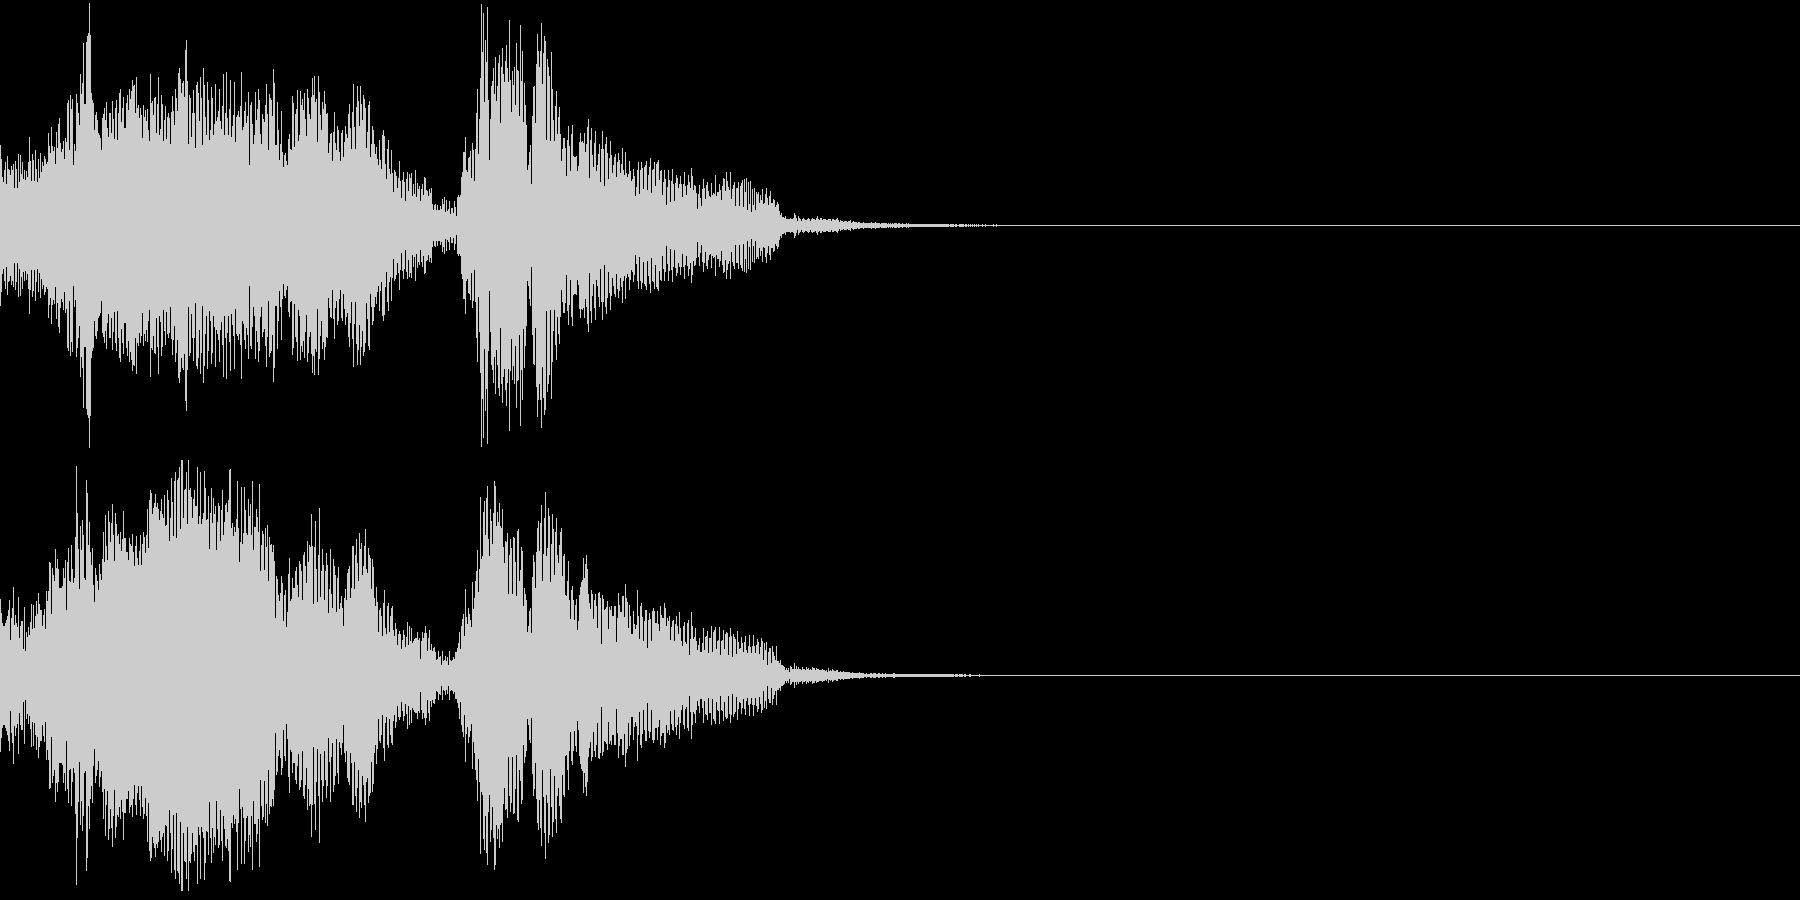 Monster 未知の生物の発する音声2の未再生の波形